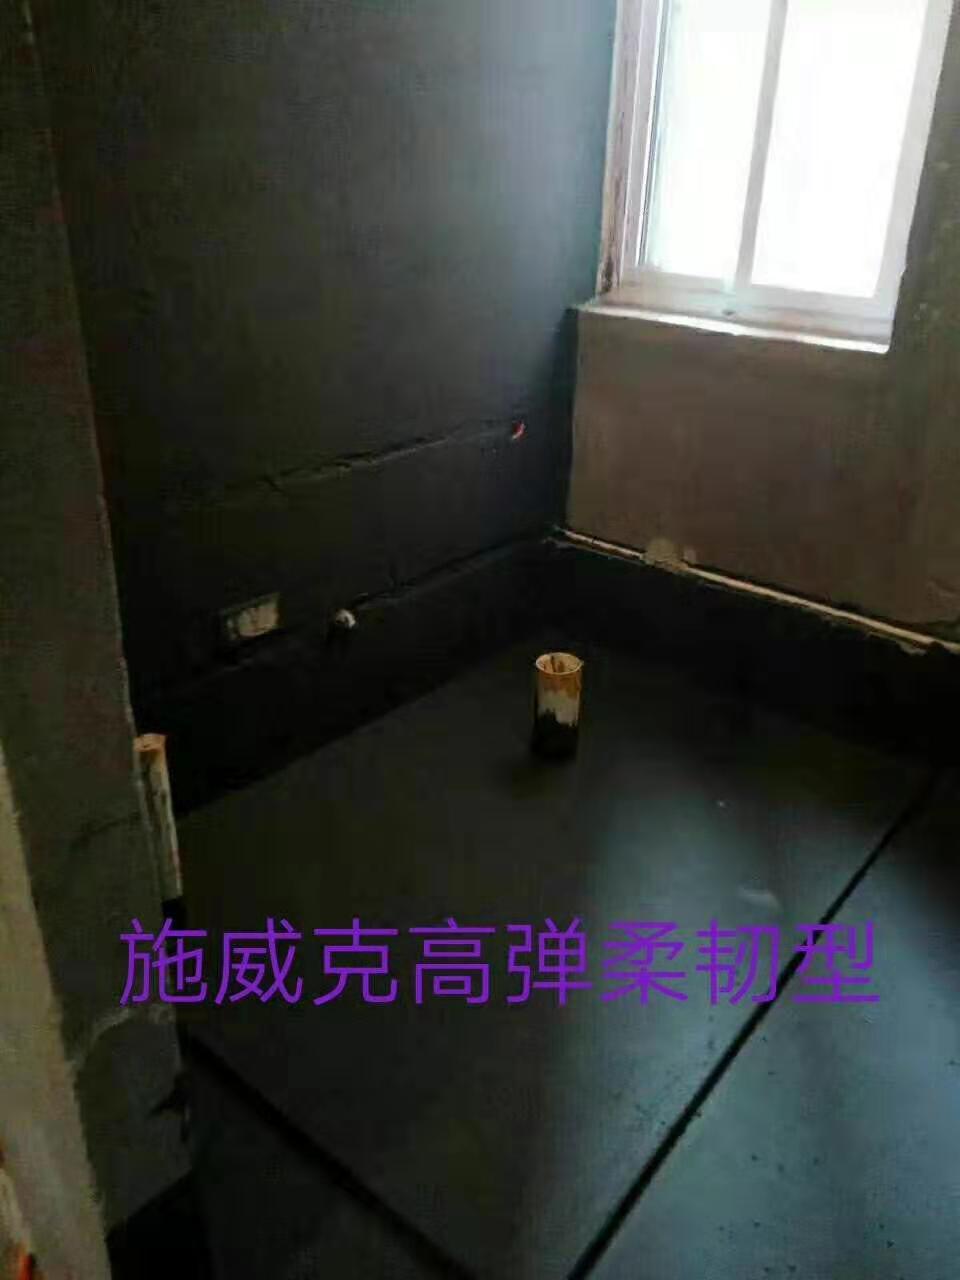 点击查看阜阳市高弹柔韧防水涂料厨卫屋面防水涂料详细说明